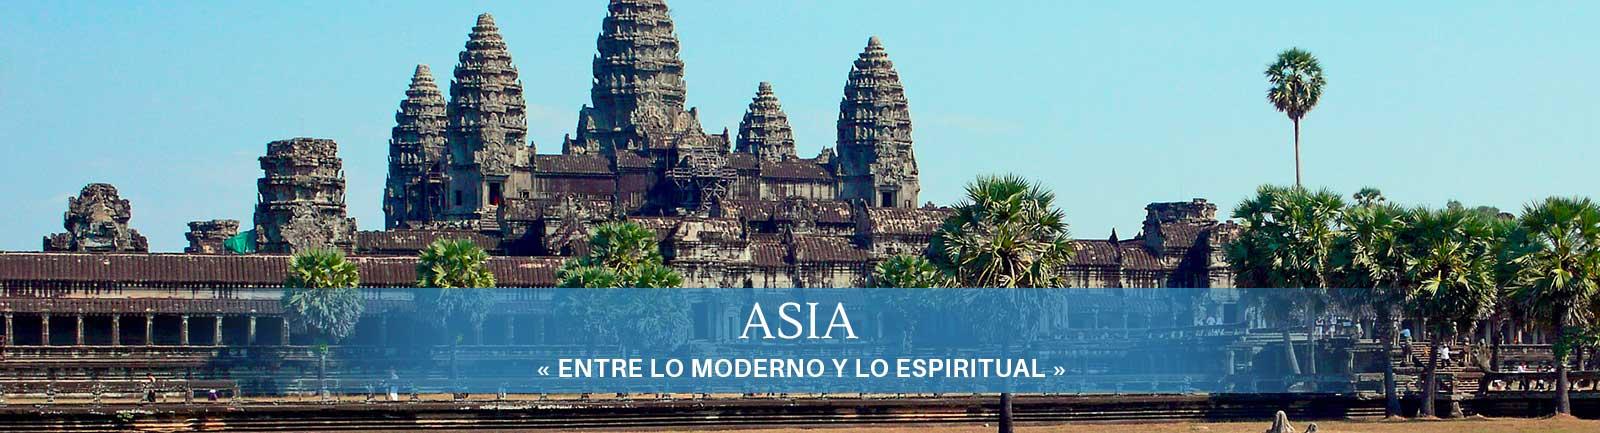 Crucero Asia